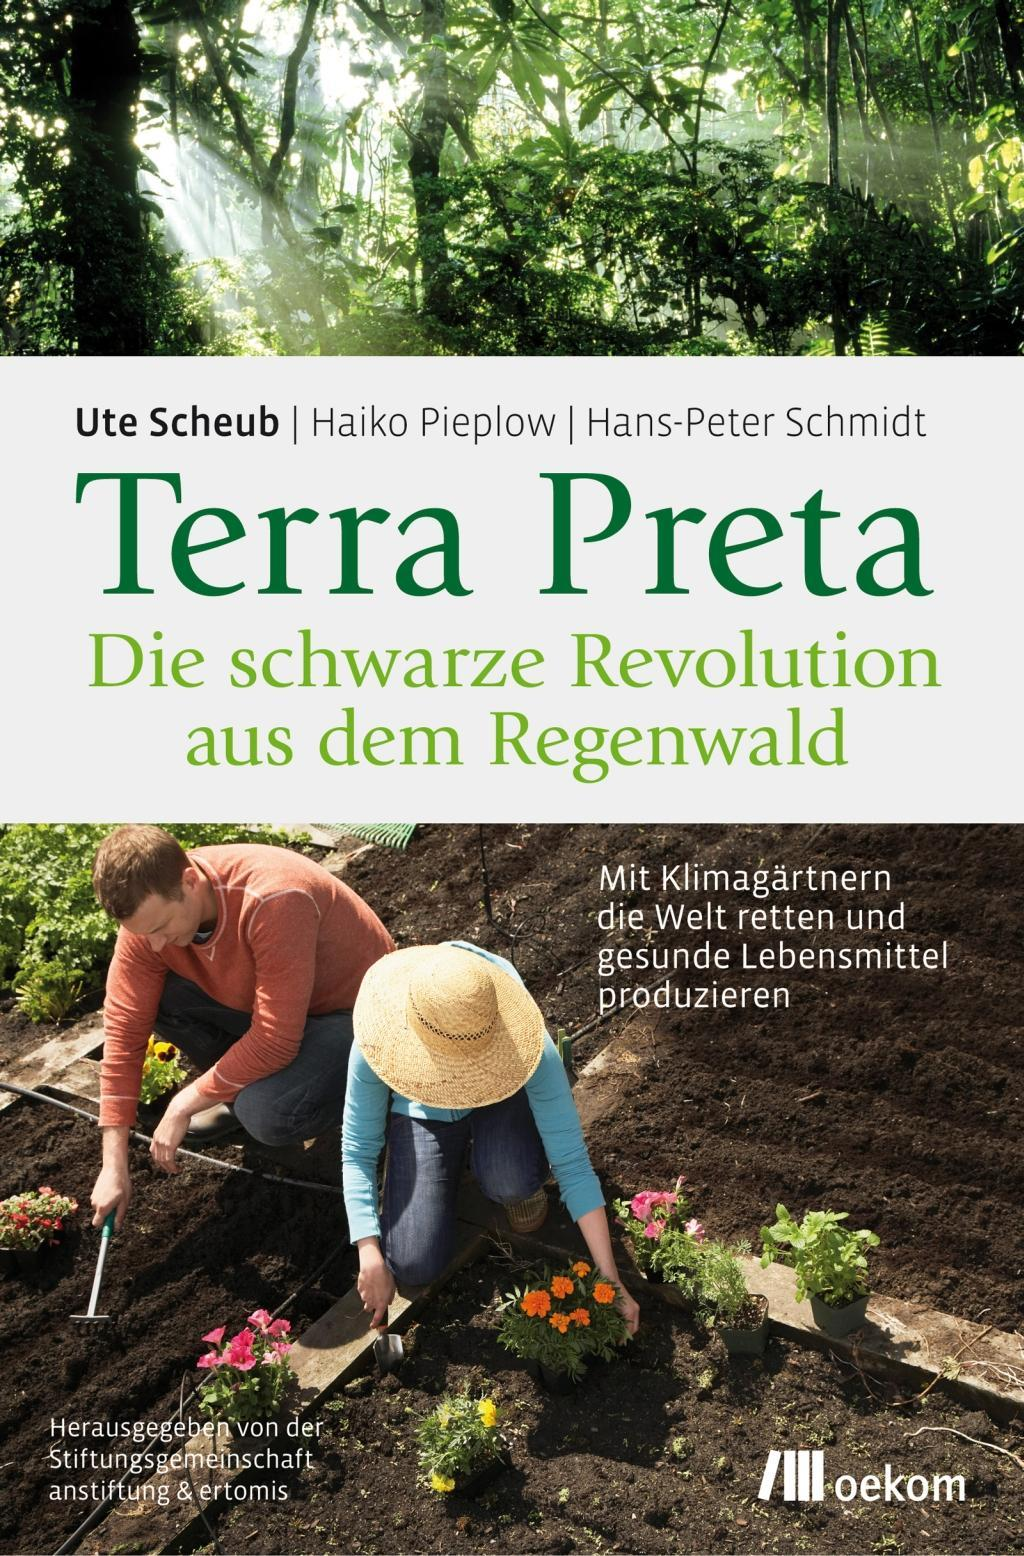 Terra Preta - Die schwarze Revolution